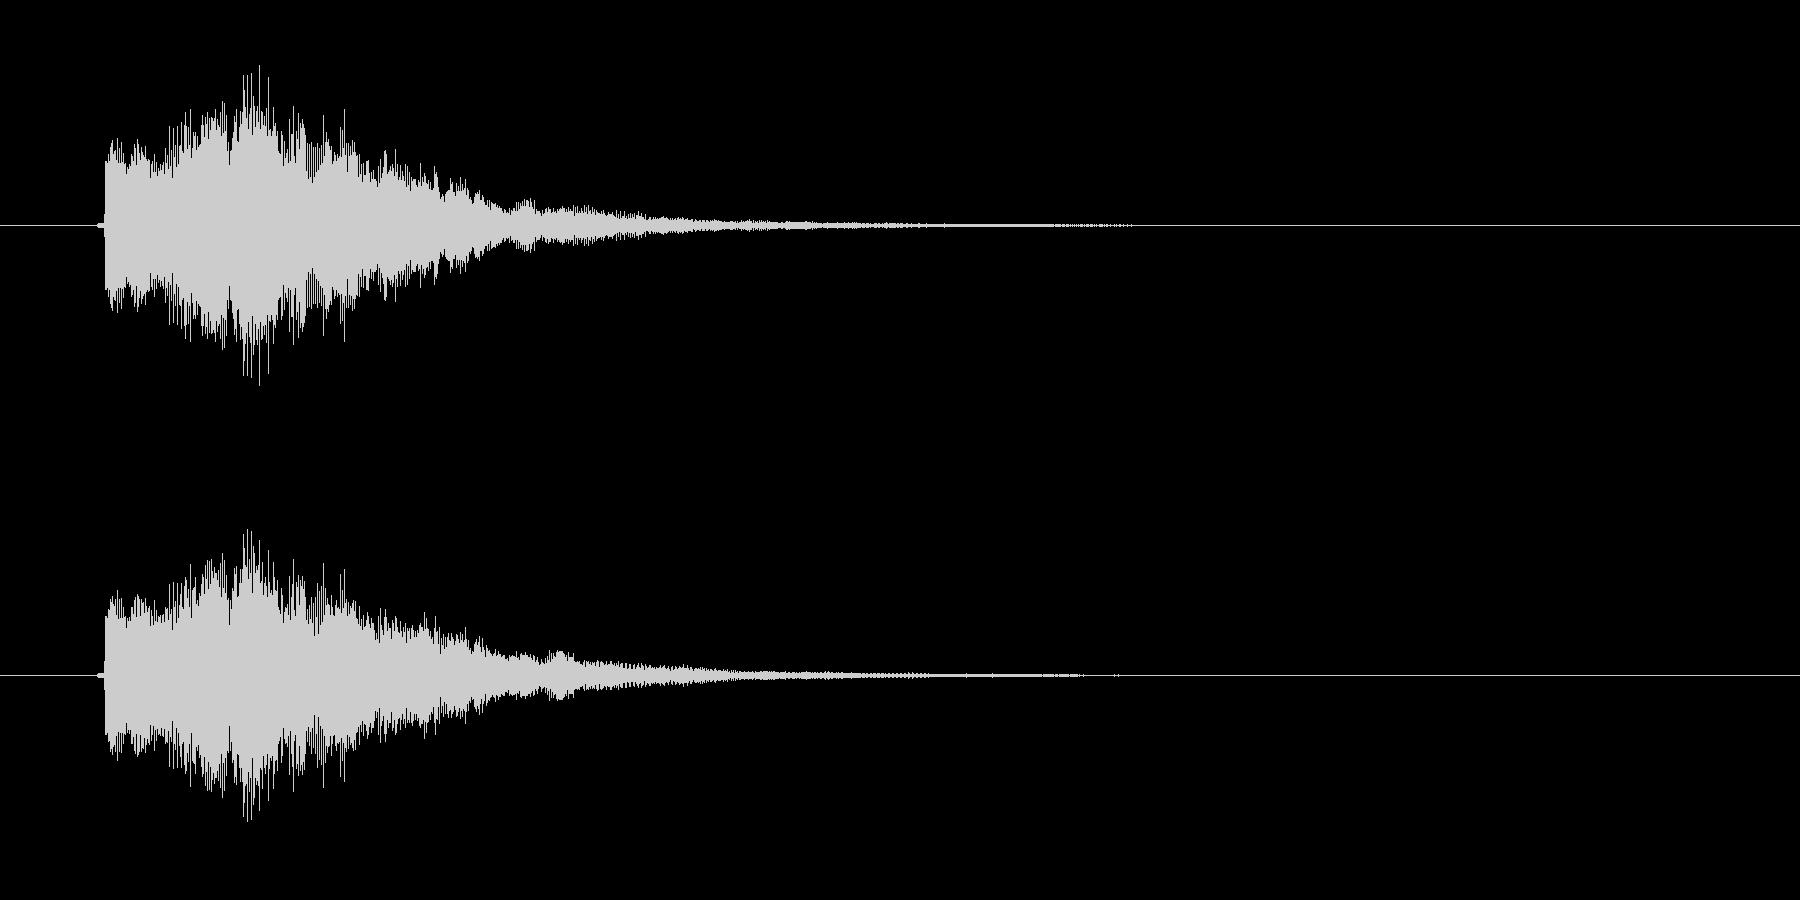 ピロロン(高音のお知らせ音)の未再生の波形